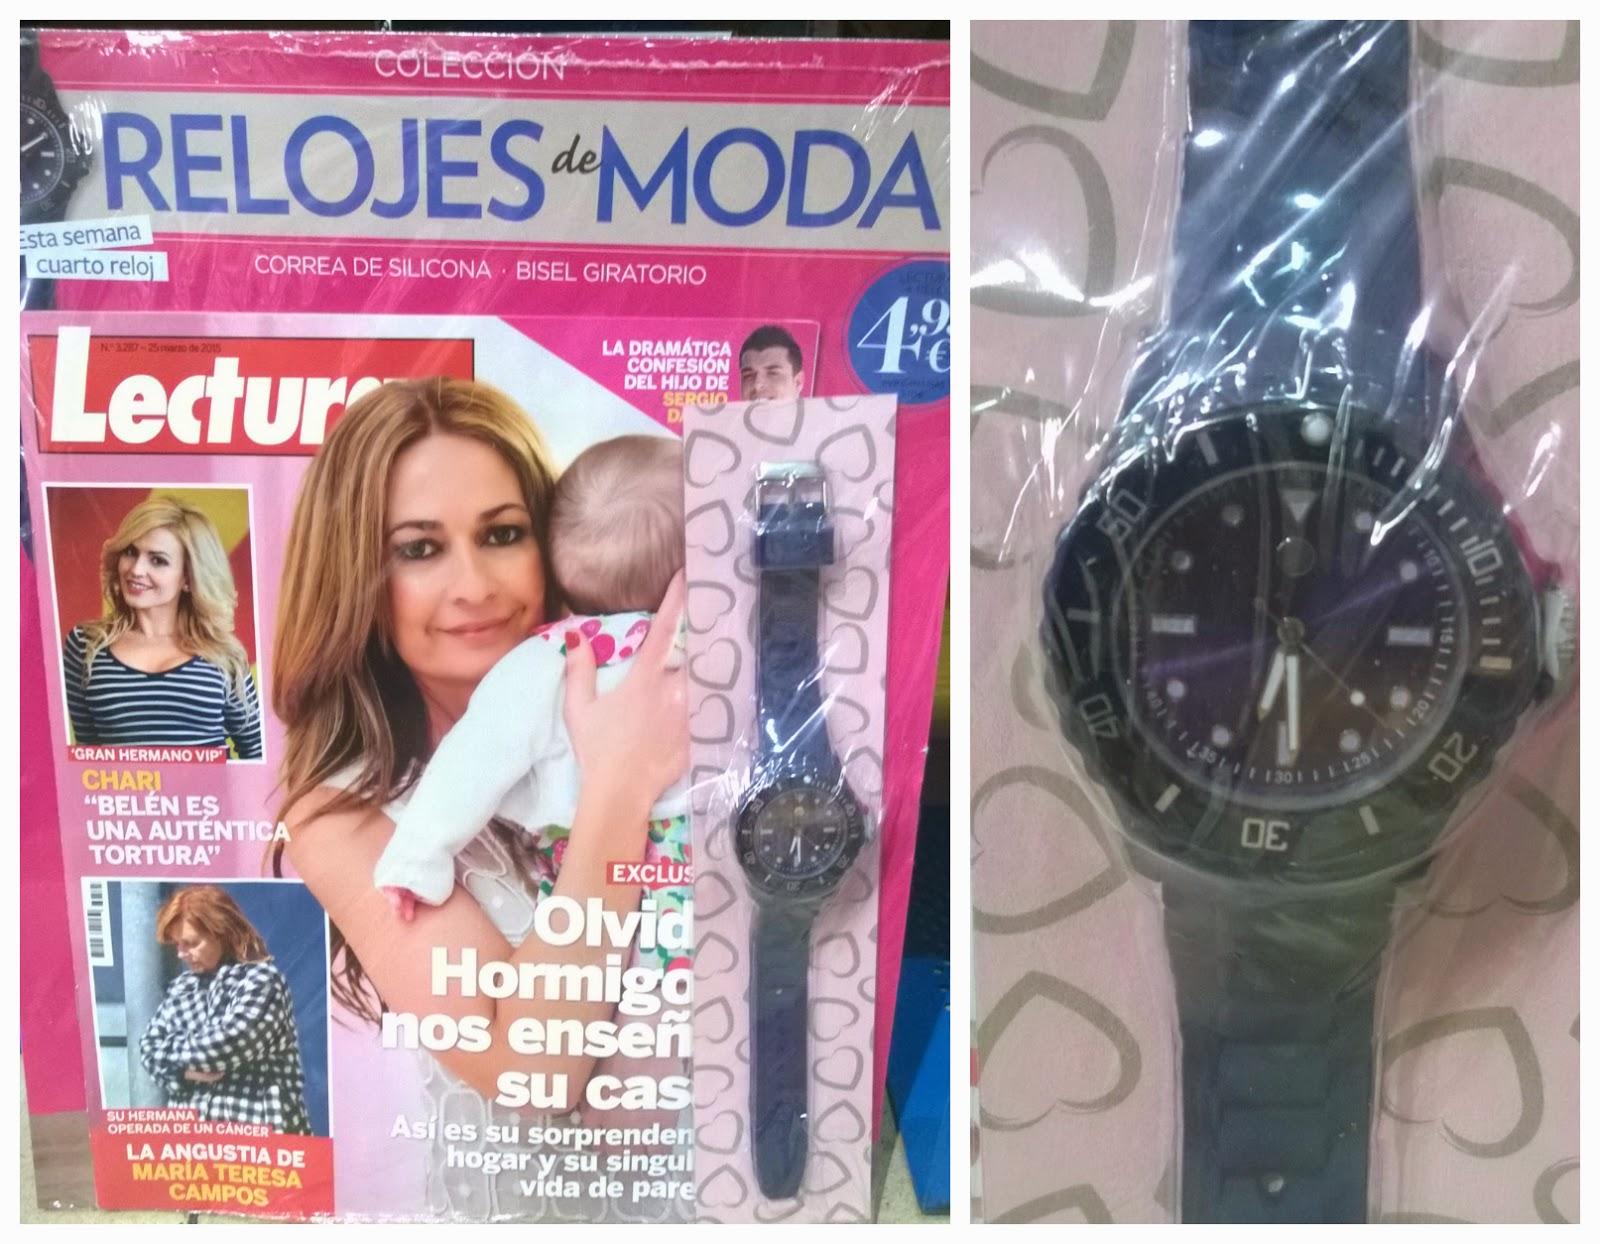 lecturas reloj abril 2015 regalo revista